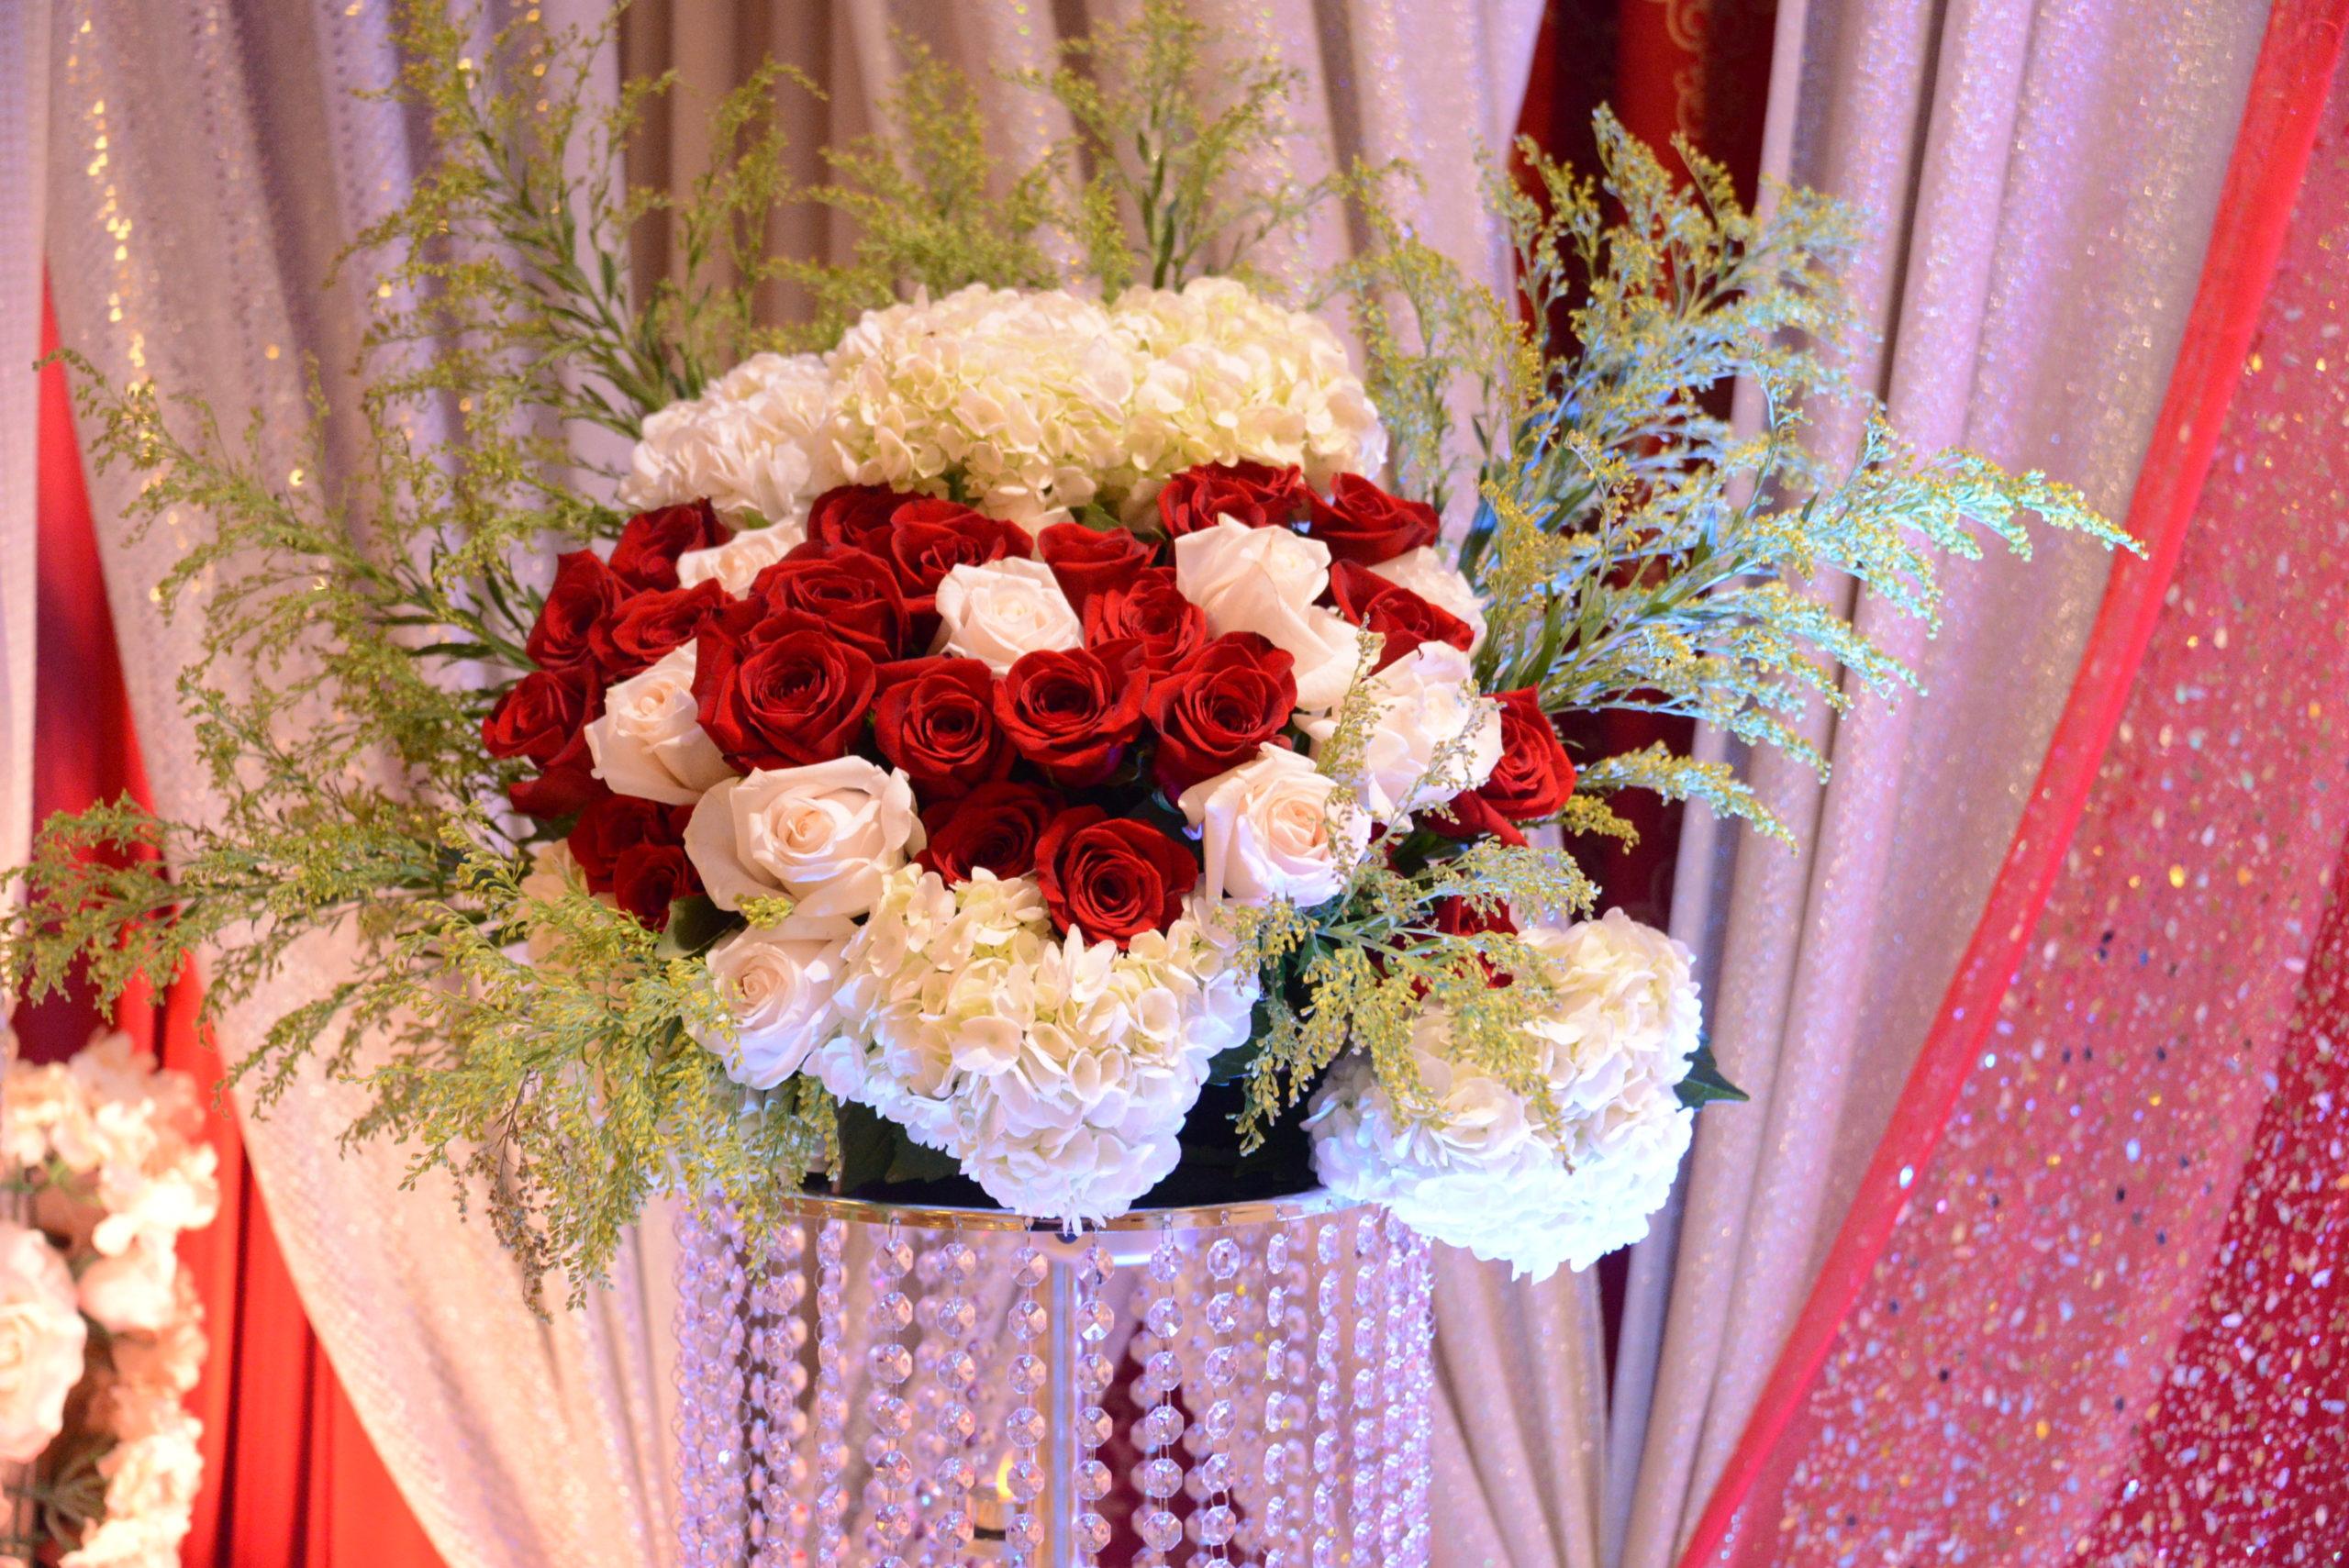 Flower Bouquet Decor